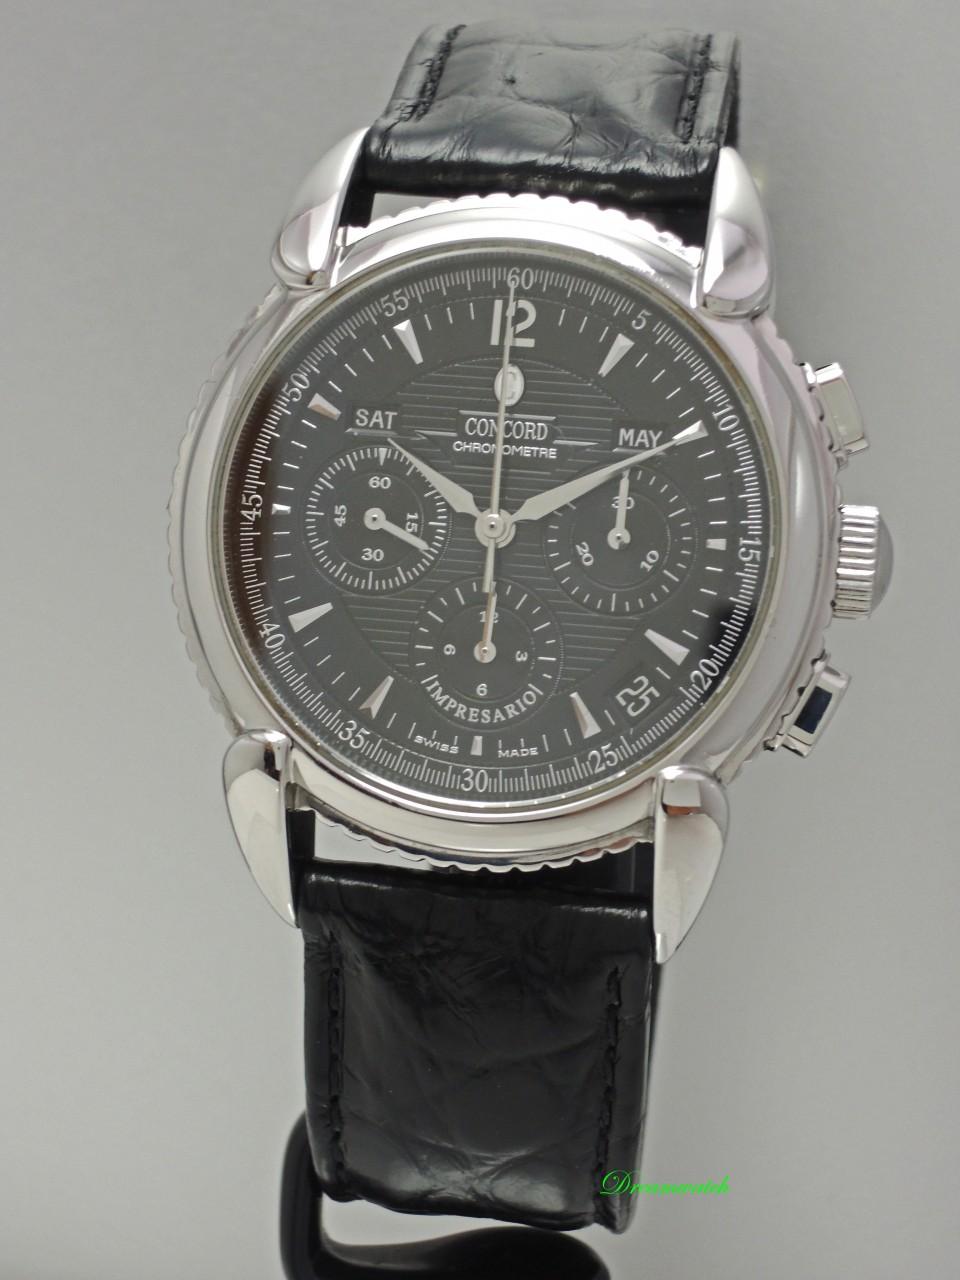 Concord Impresario Chronograph El Primero Cal.411